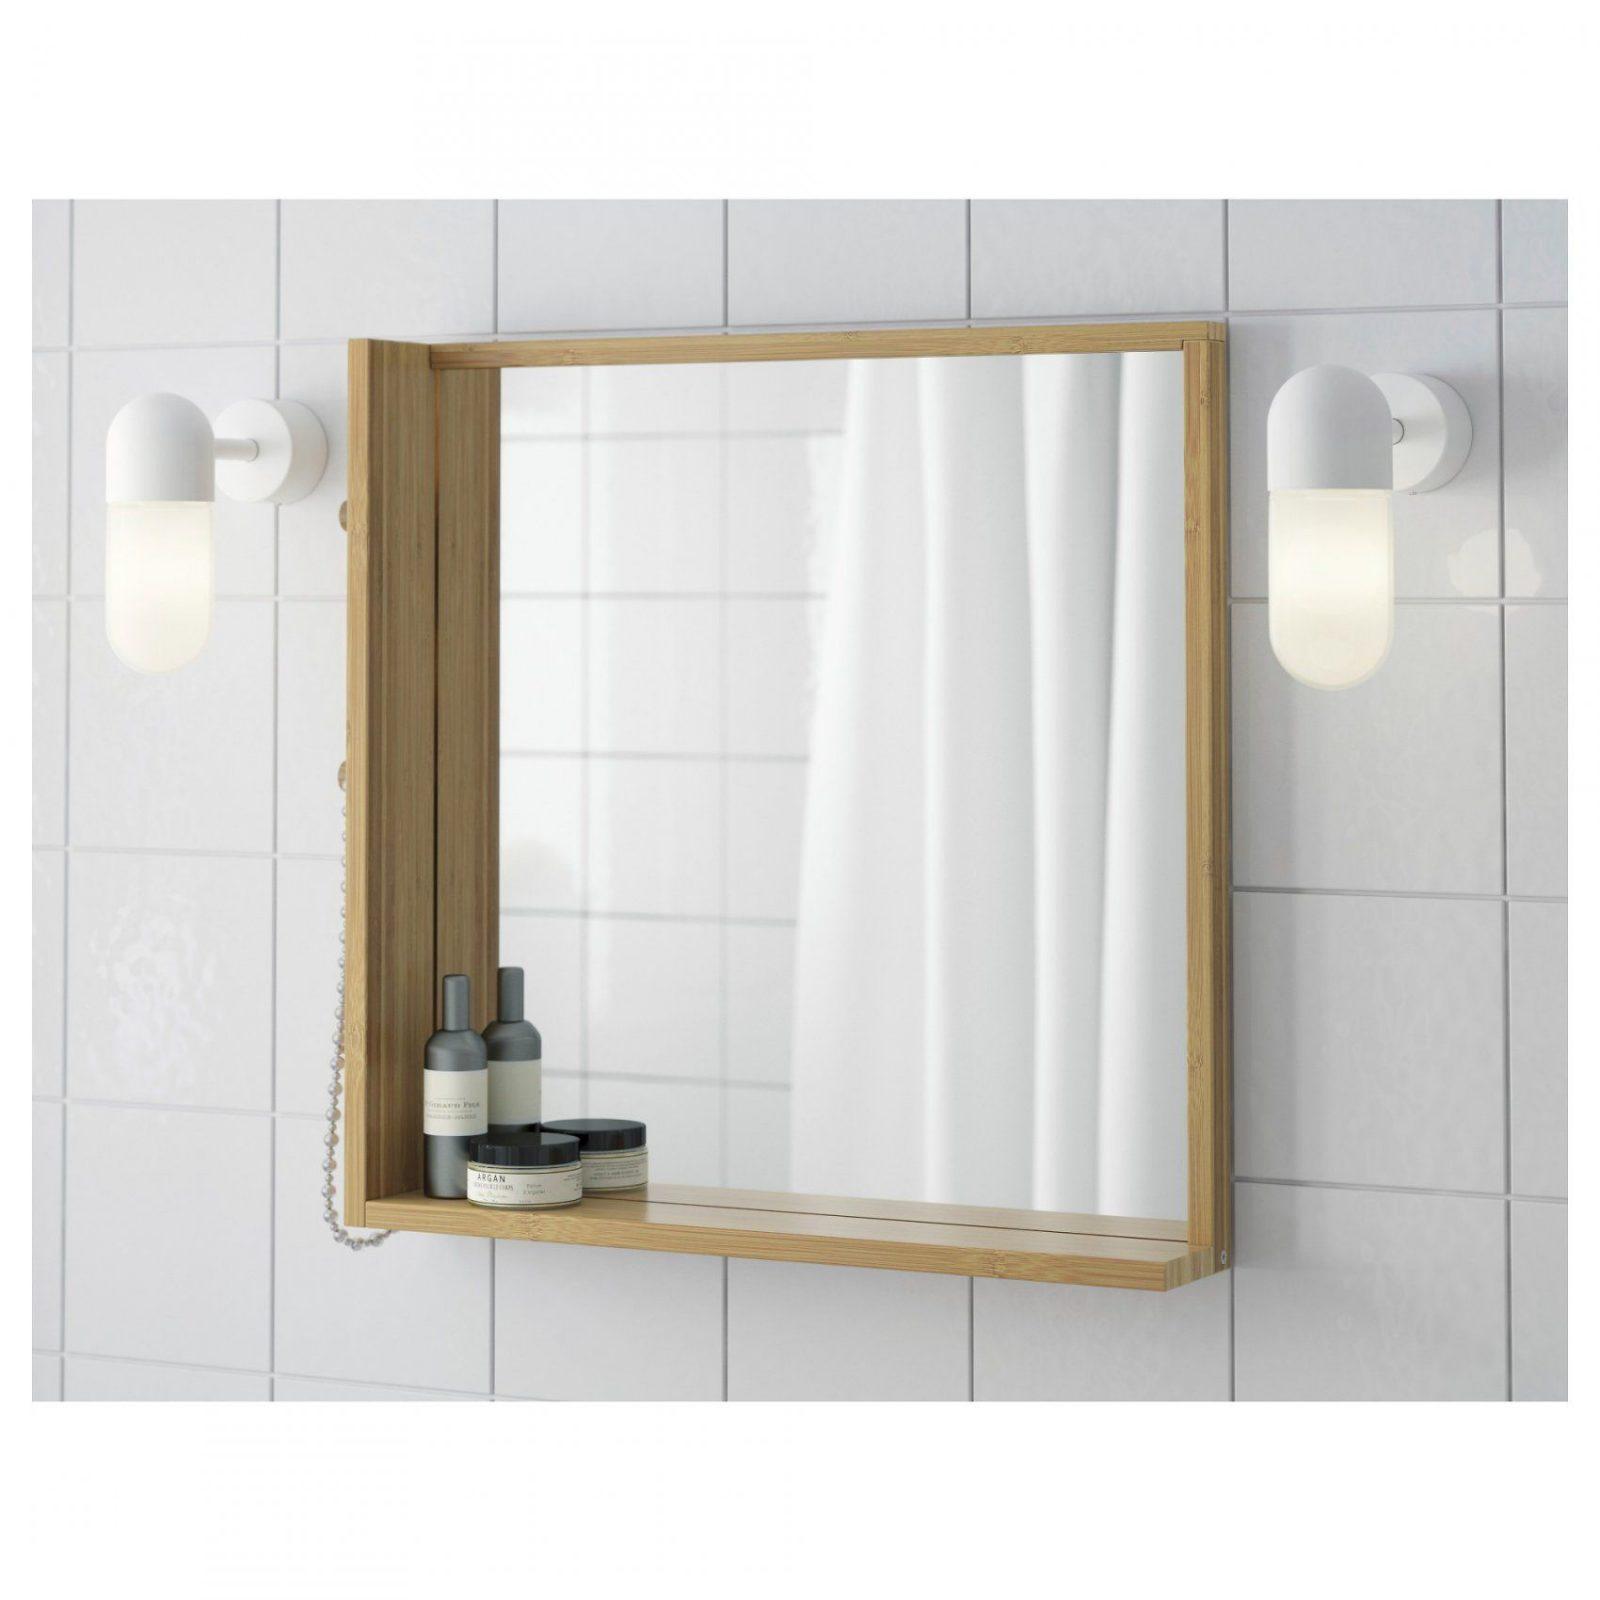 Spiegel Beleuchtung Ikea Finest Foto Über Spiegel Beleuchtung Ikea von Spiegel Mit Beleuchtung Ikea Bild